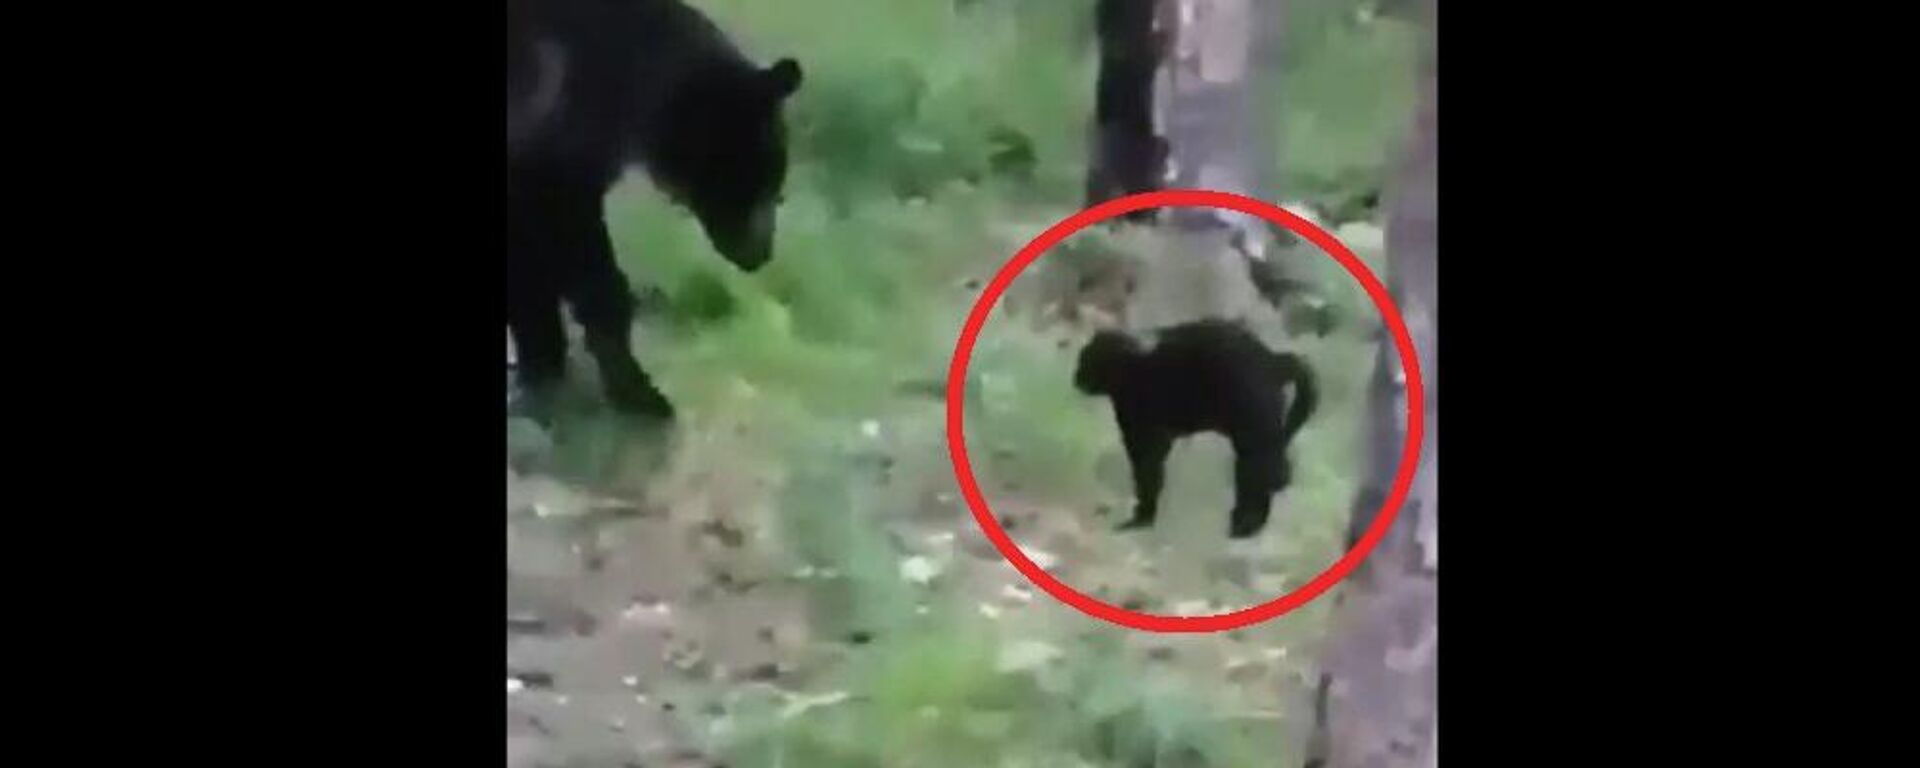 Μαύρος γάτος τα βάζει με αρκούδα να σώσει τα αφεντικά του - Sputnik Ελλάδα, 1920, 05.08.2021